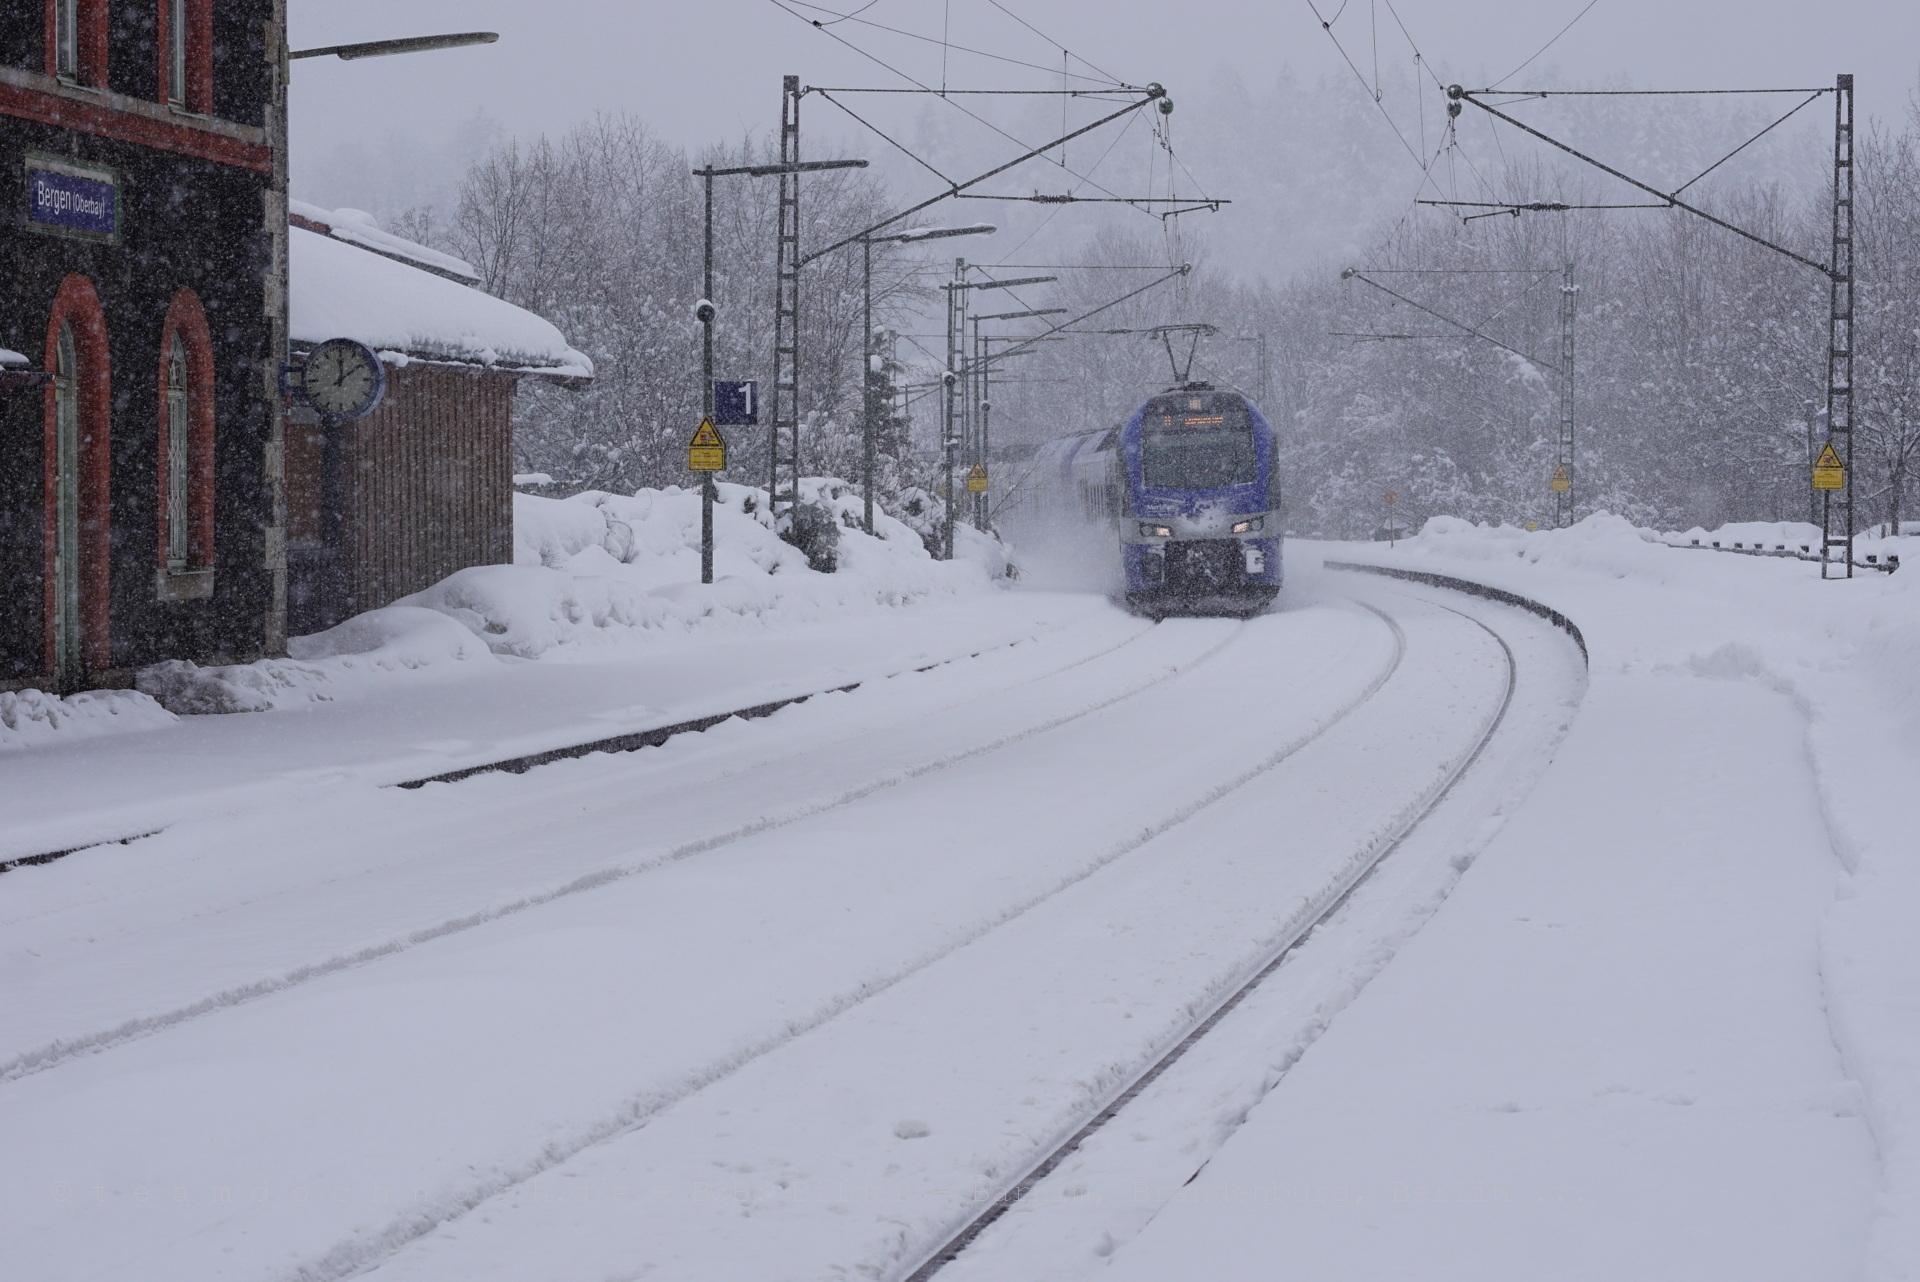 Meridian M79015 nach Salzburg Hbf bei Schneetreiben im Bahnhof Bergen (Oberbayern)